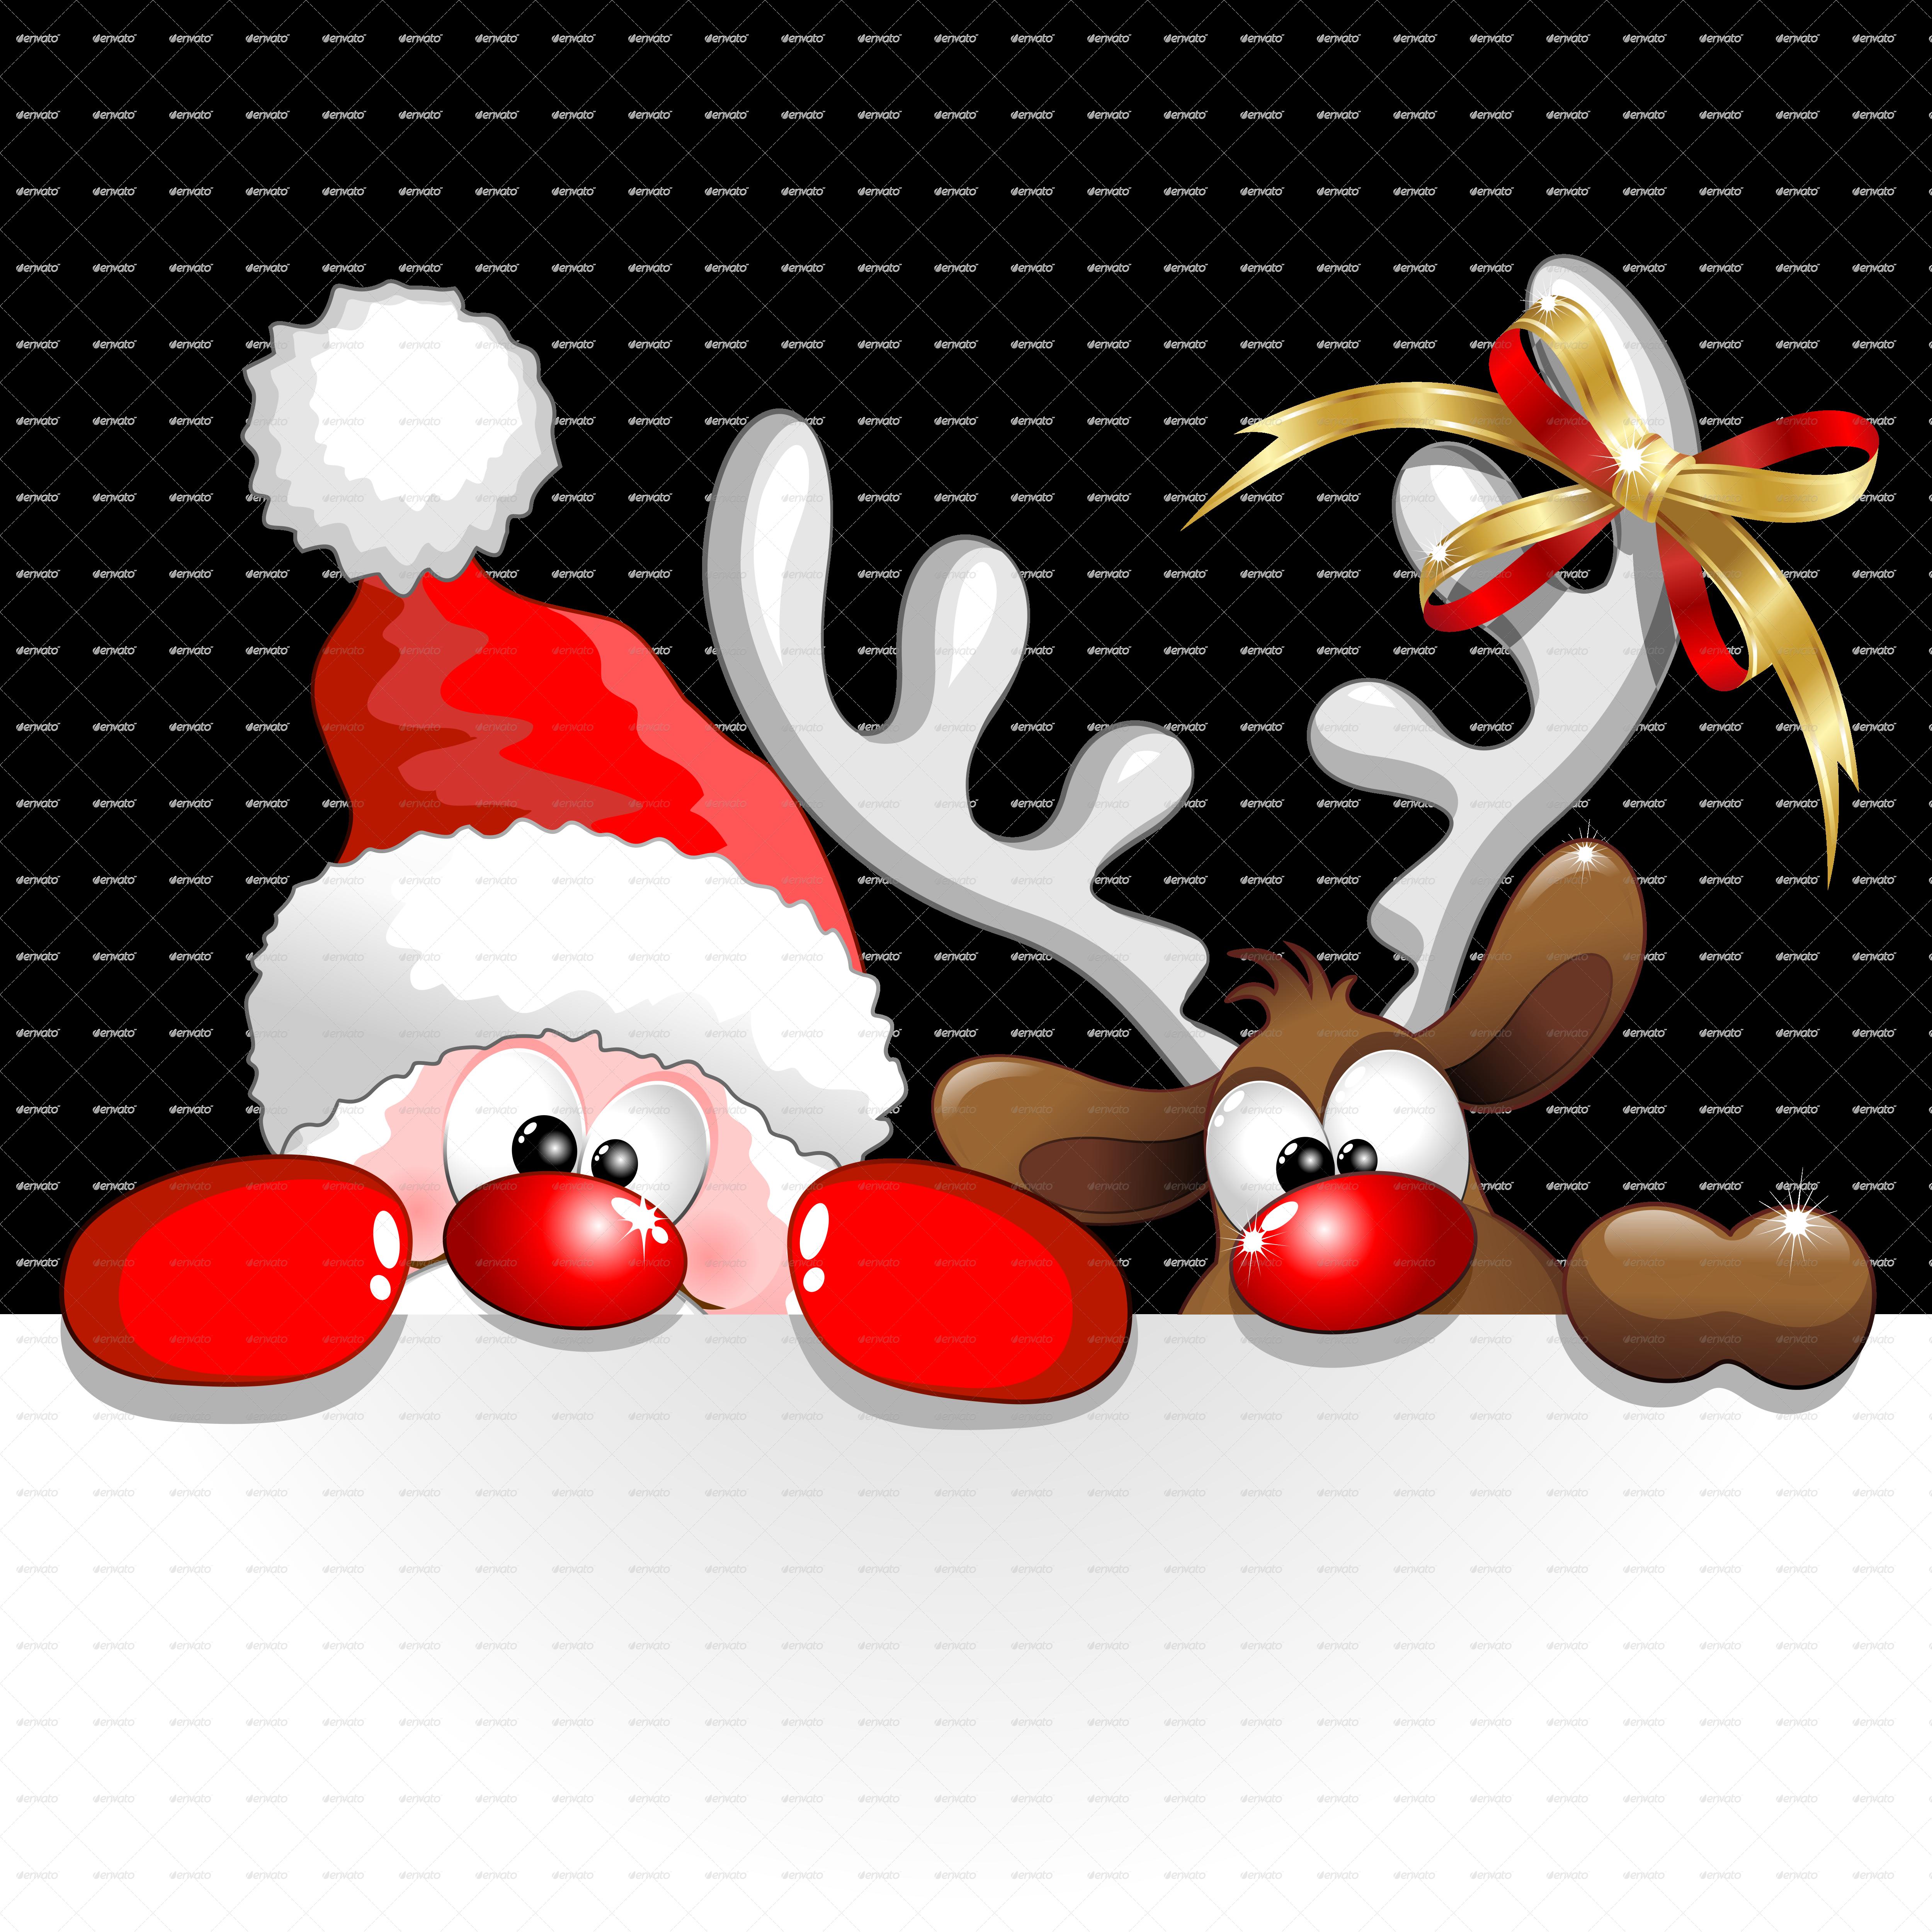 buy christmas santa and reindeer cartoon by bluedarkat on graphicriver santa and reindeer cartoon with - Santa And Reindeer Pictures